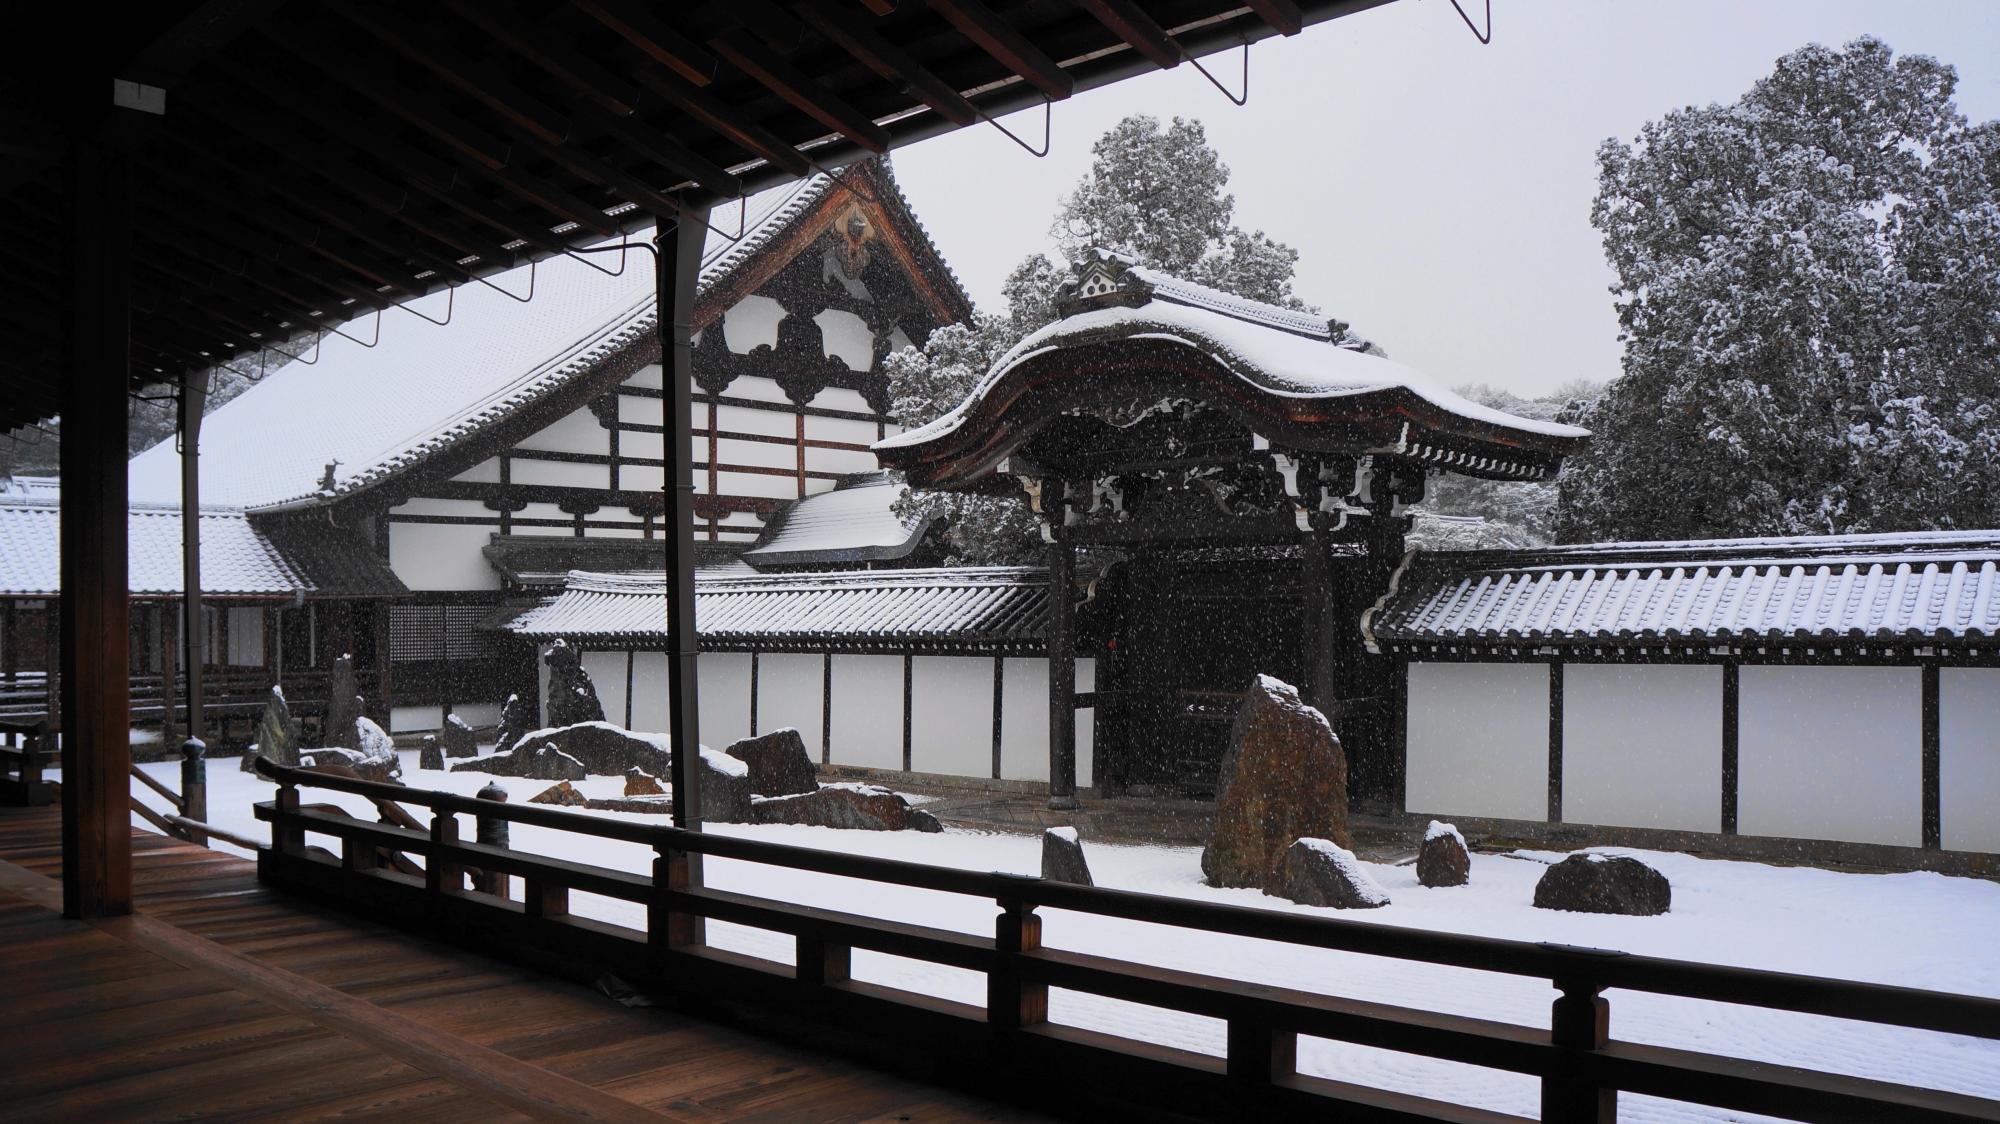 静寂と雪につつまれた絶品の方丈南庭